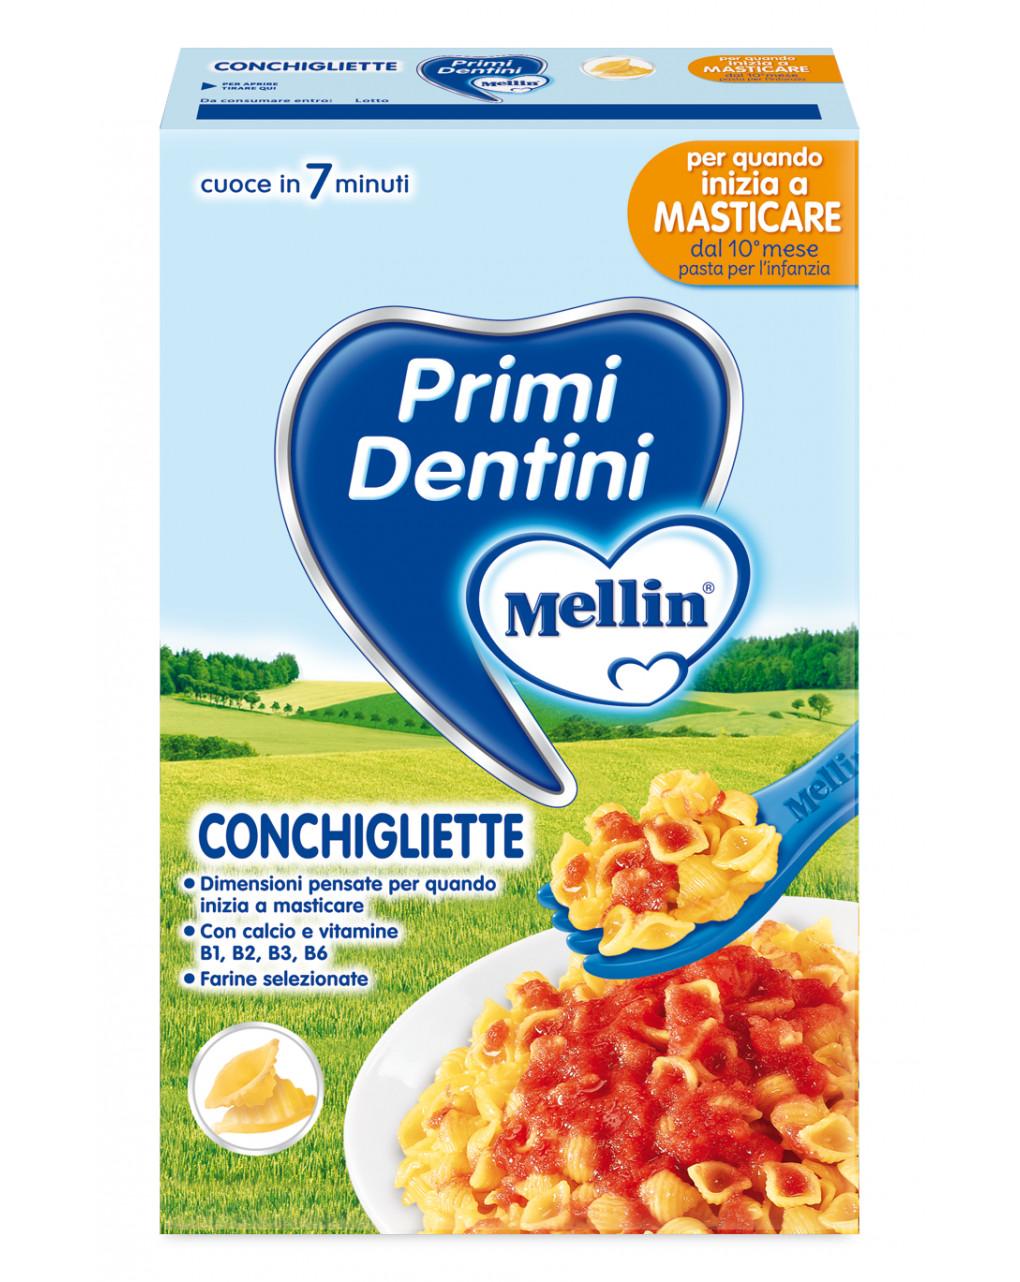 Mellin - pasta conchigliette primi dentini 280g - Mellin